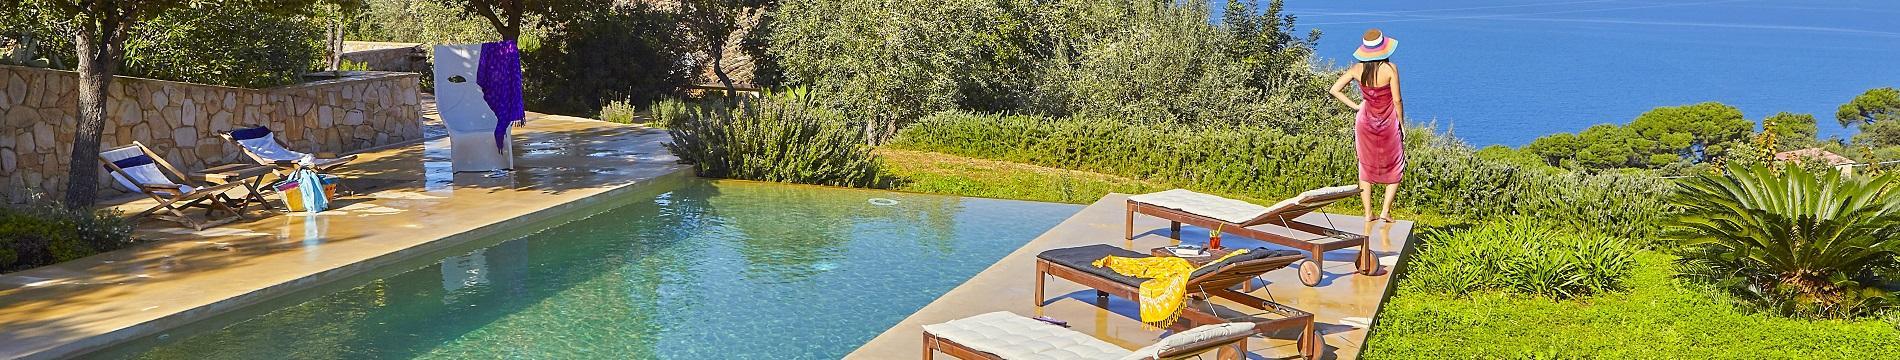 Ville in Sicilia con piscina vicino Palermo